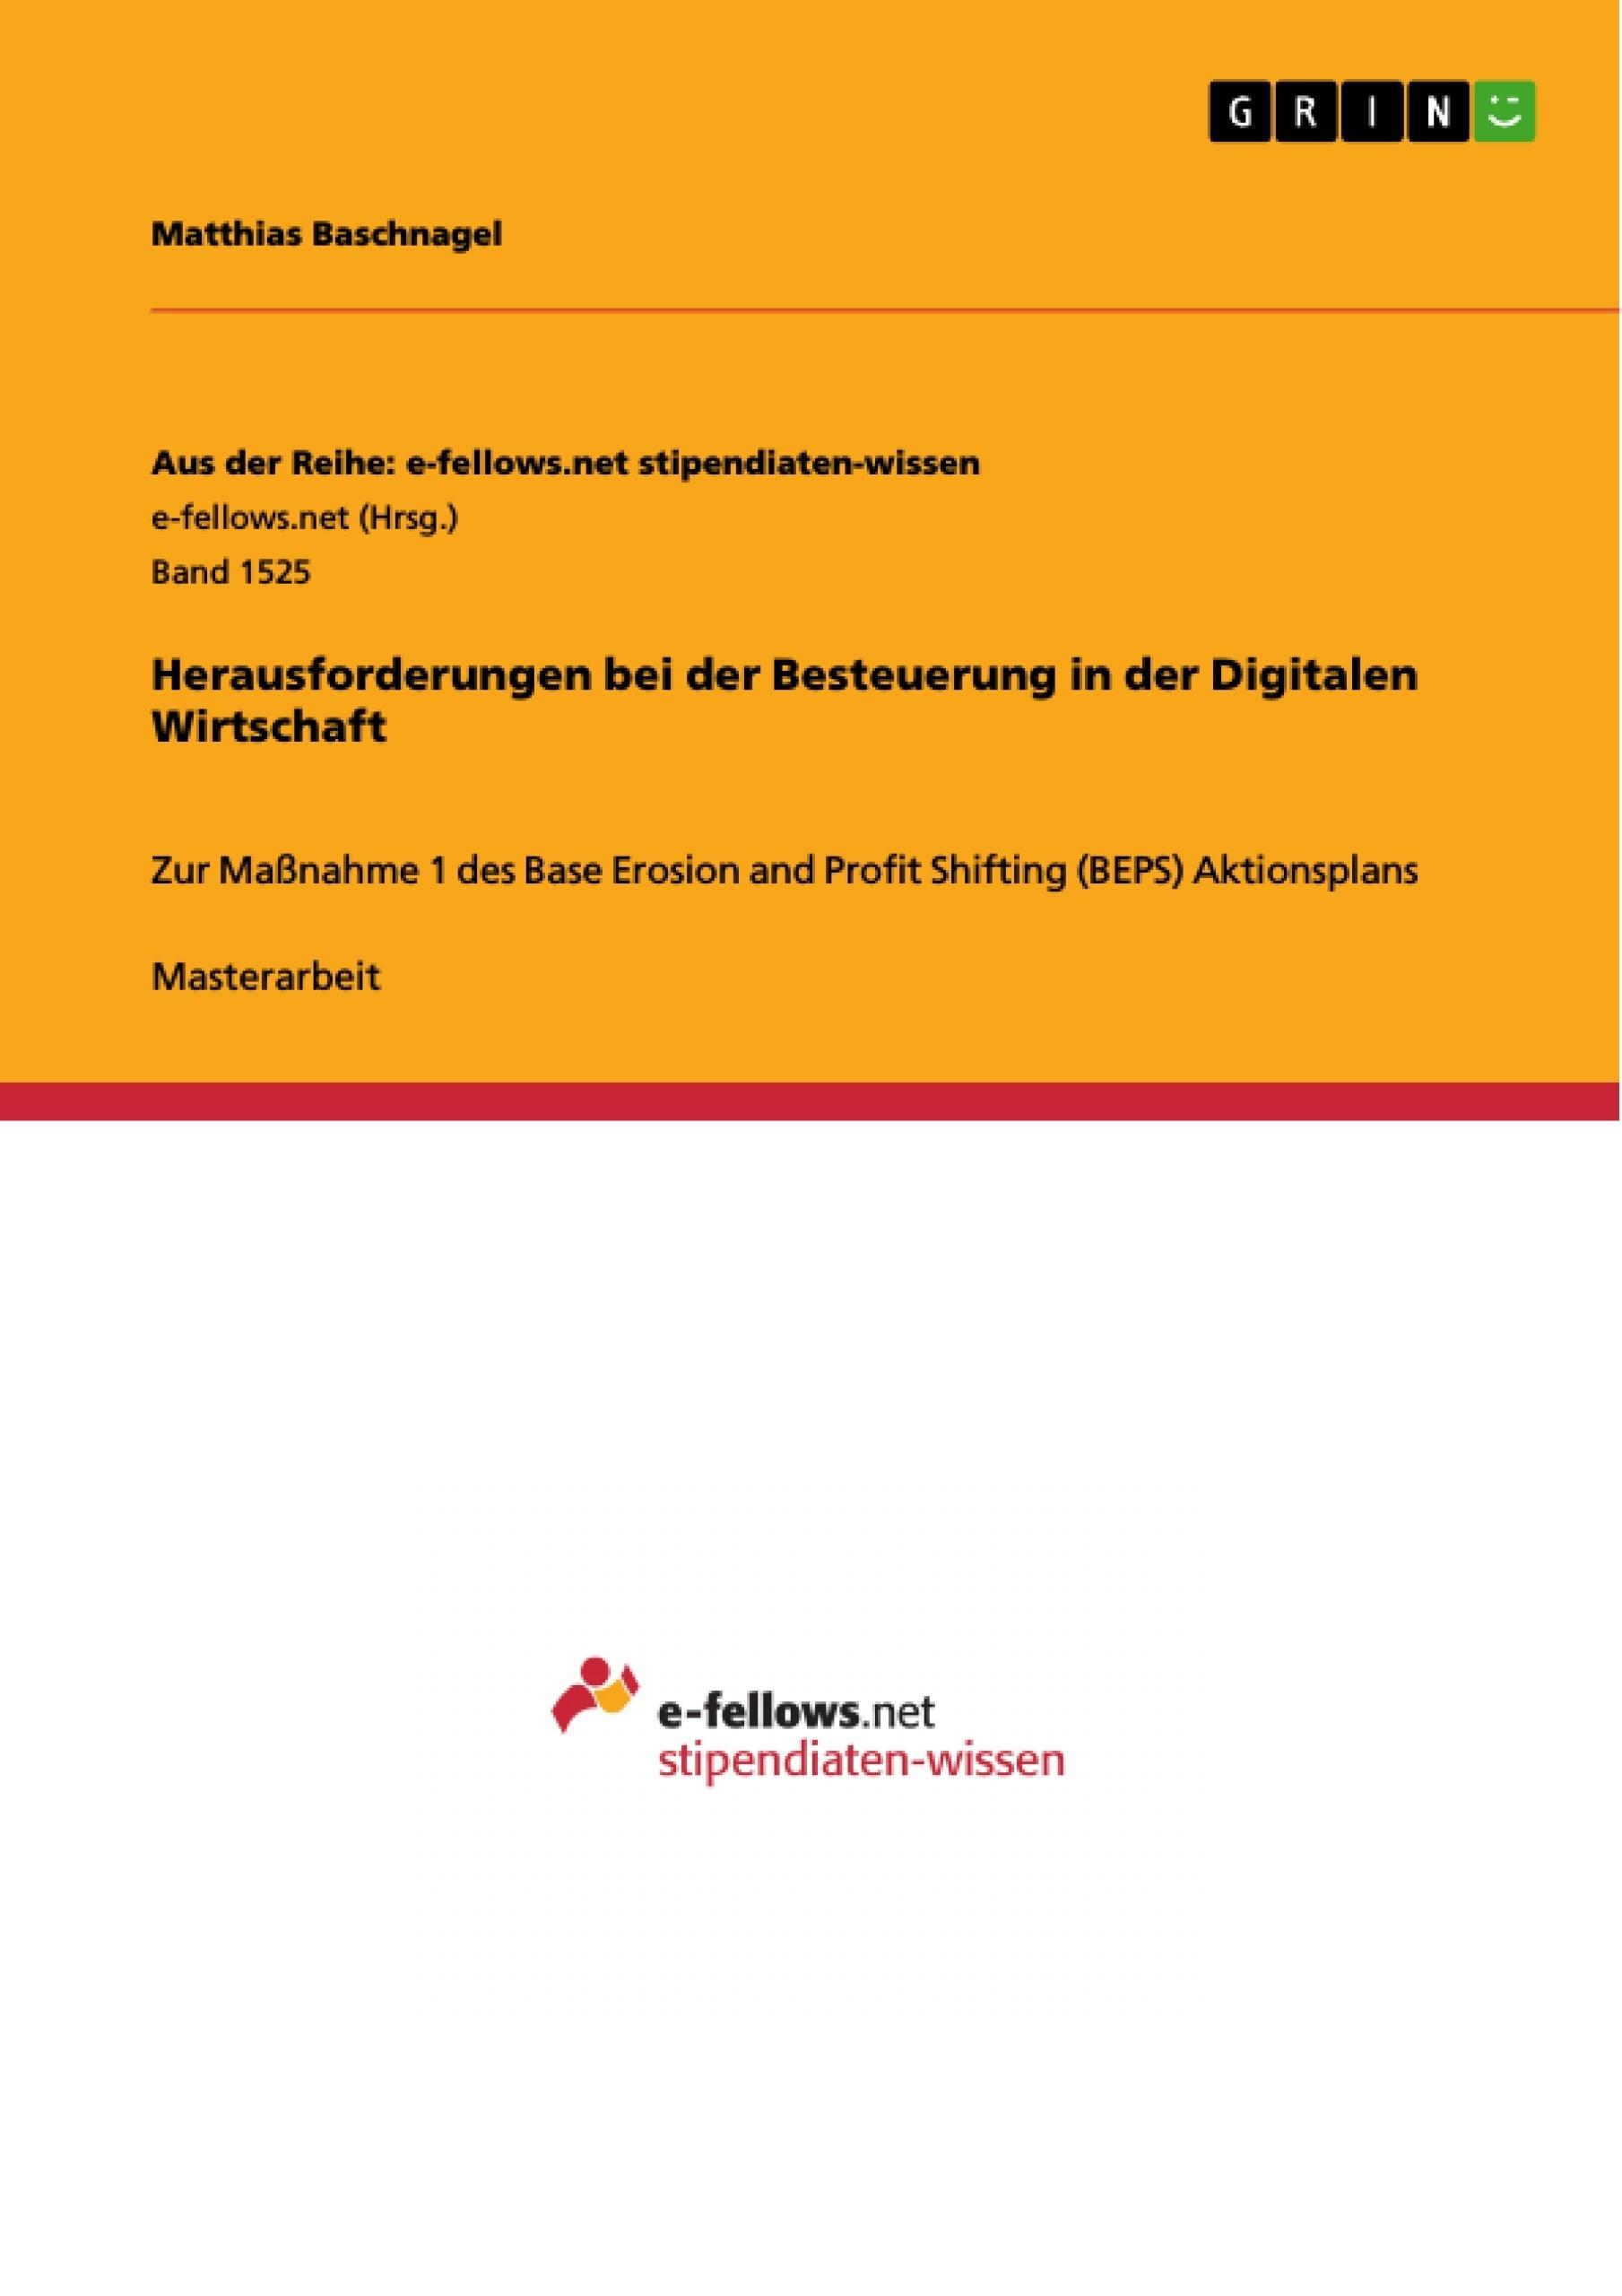 Titel: Herausforderungen bei der Besteuerung in der Digitalen Wirtschaft